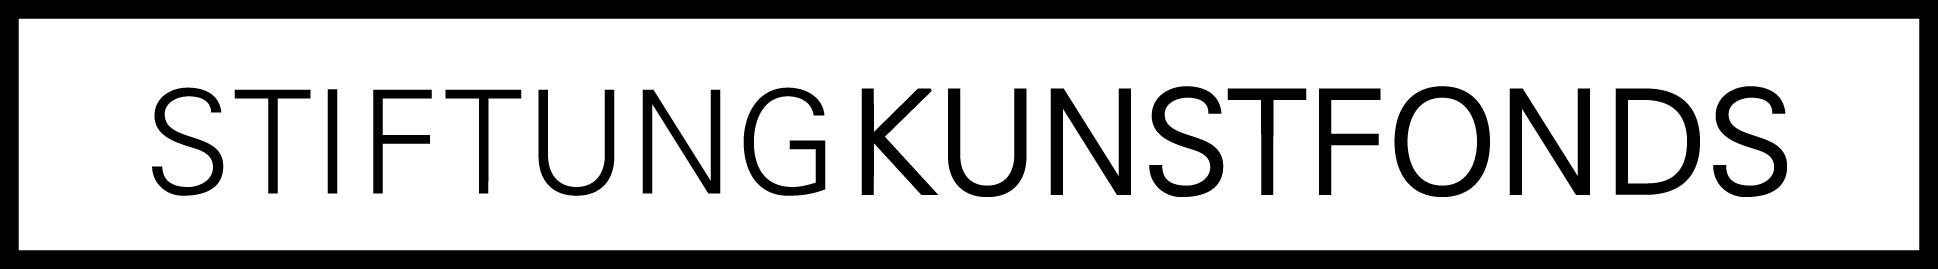 KF-Logo_monochrom.jpg